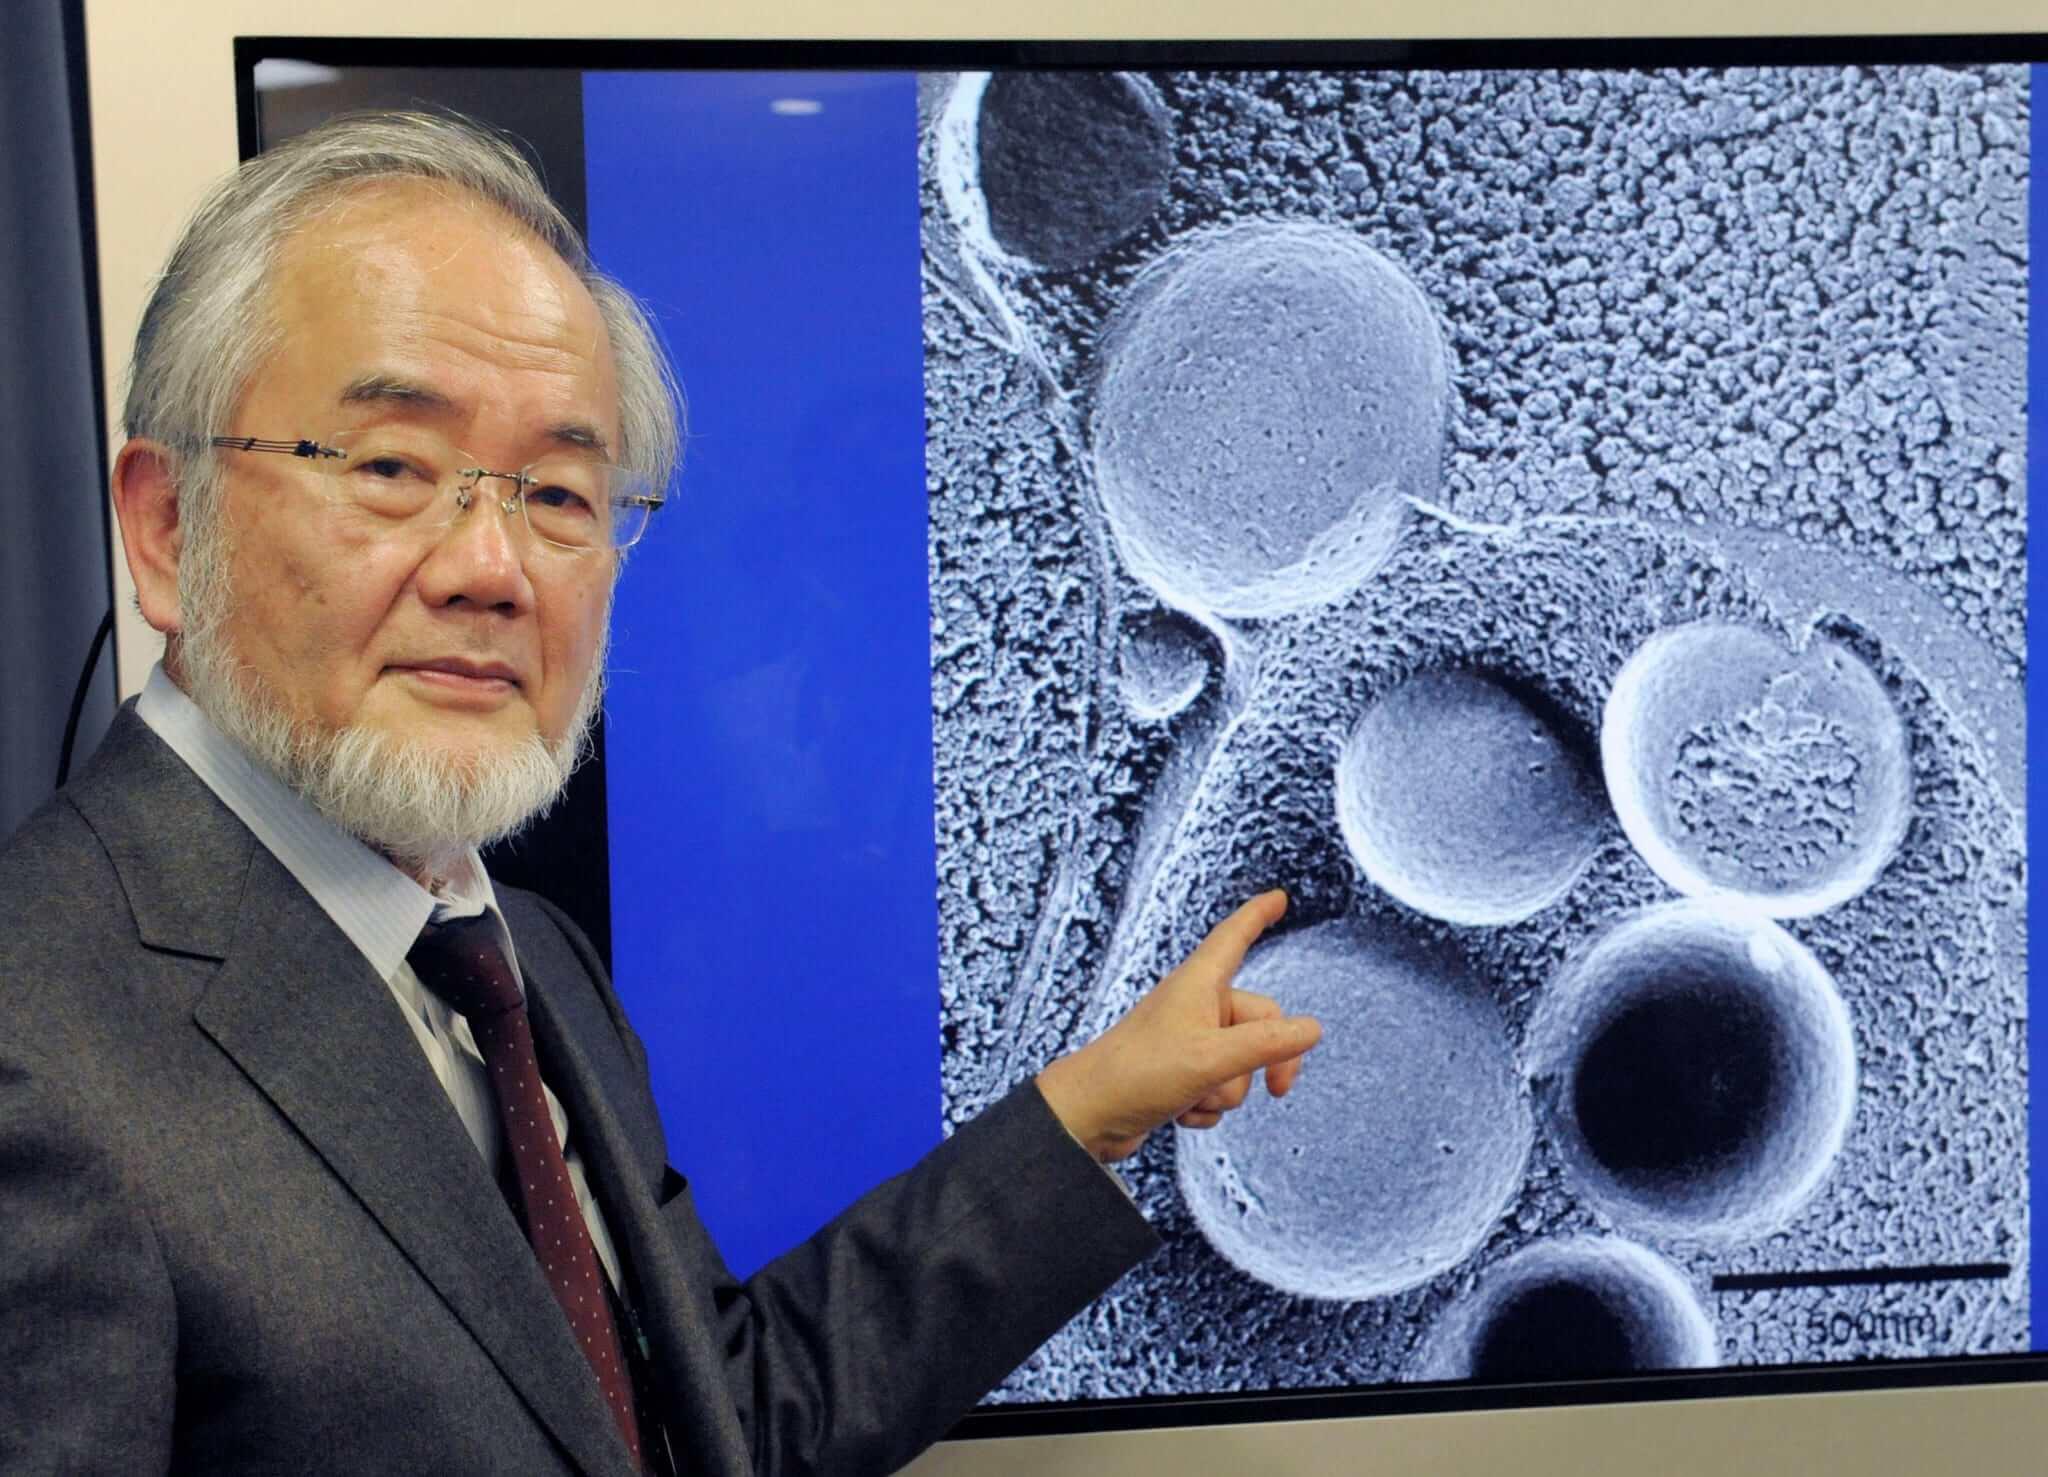 Japonês que estuda a autofagia celular recebe o Nobel da Medicina